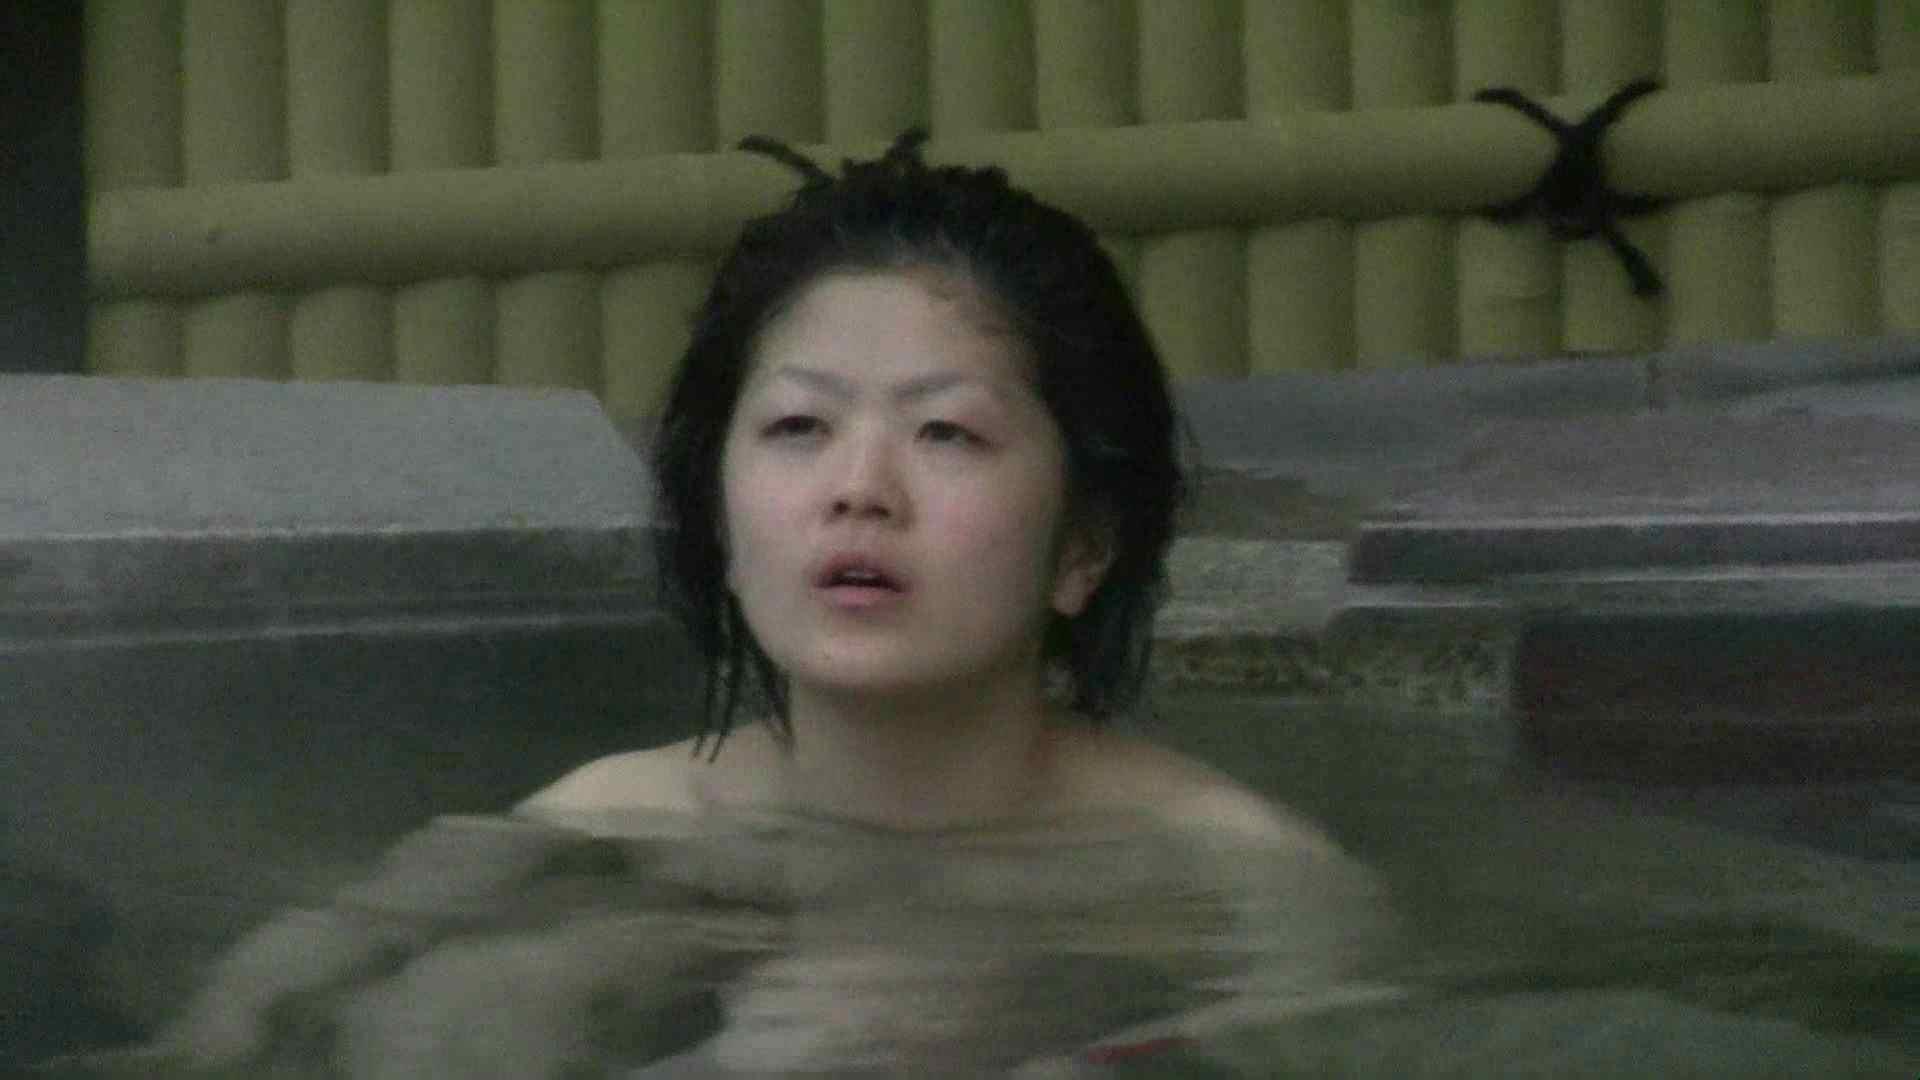 Aquaな露天風呂Vol.538 OLのエロ生活  90連発 42